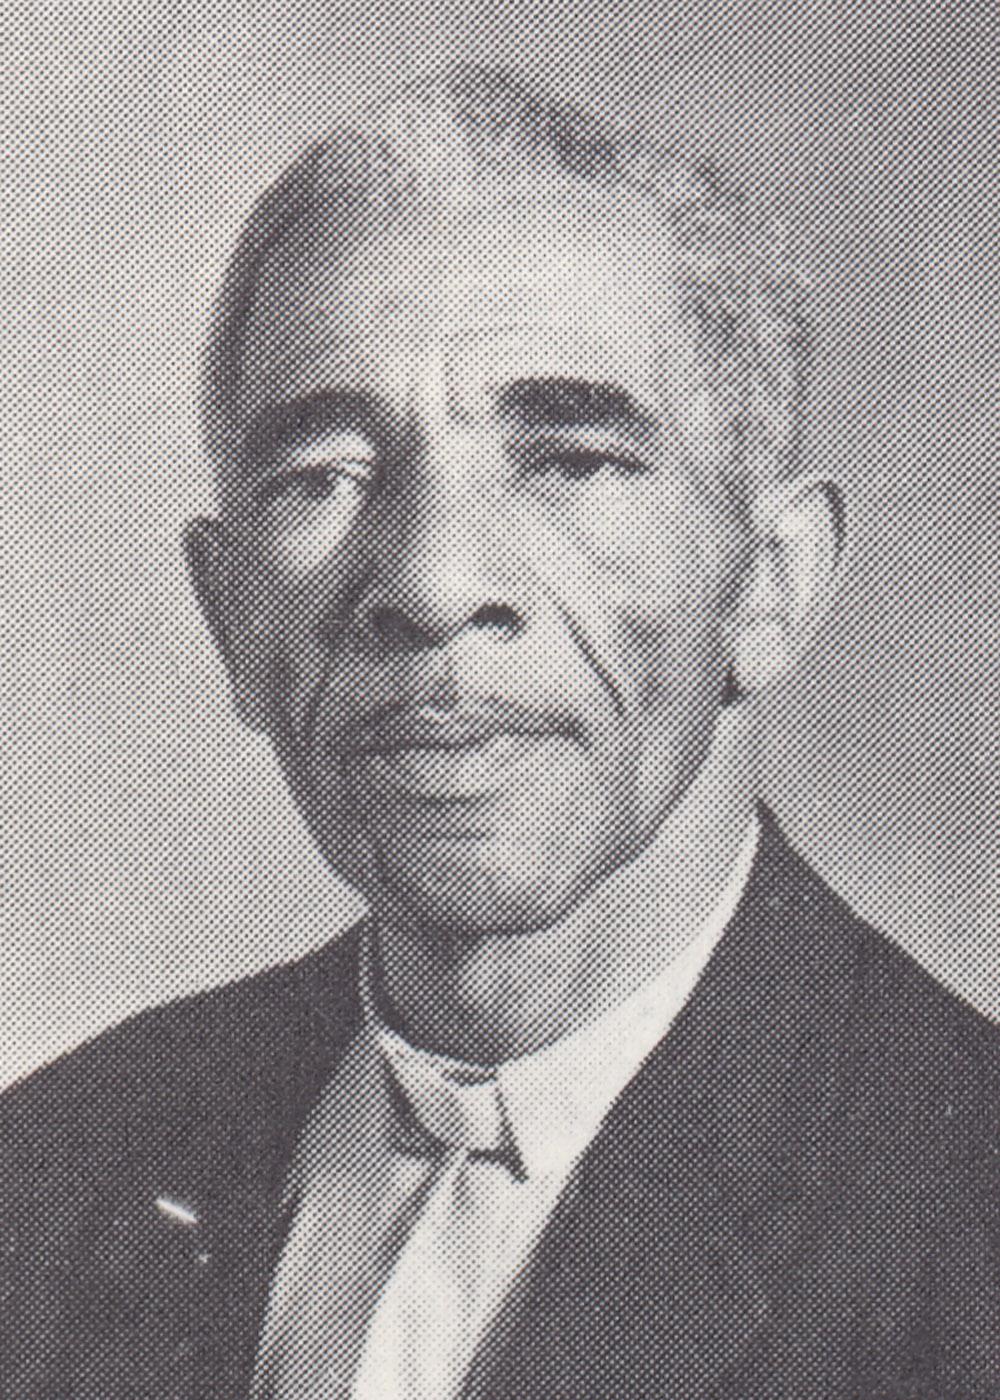 Rev. Bowen